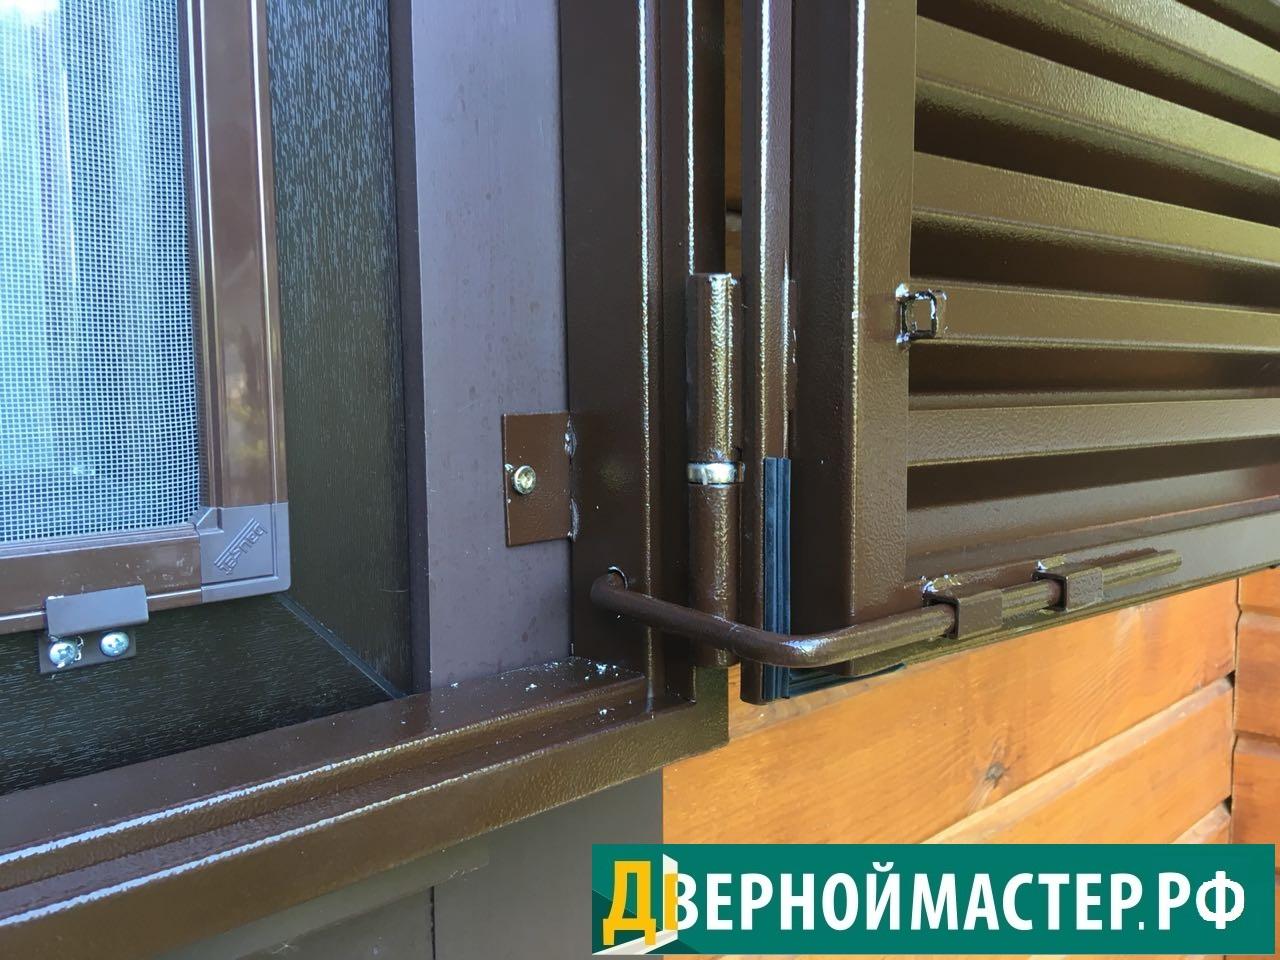 Крепление металлических ставень на окна к проему. Тип накладные, для деревянного дома.